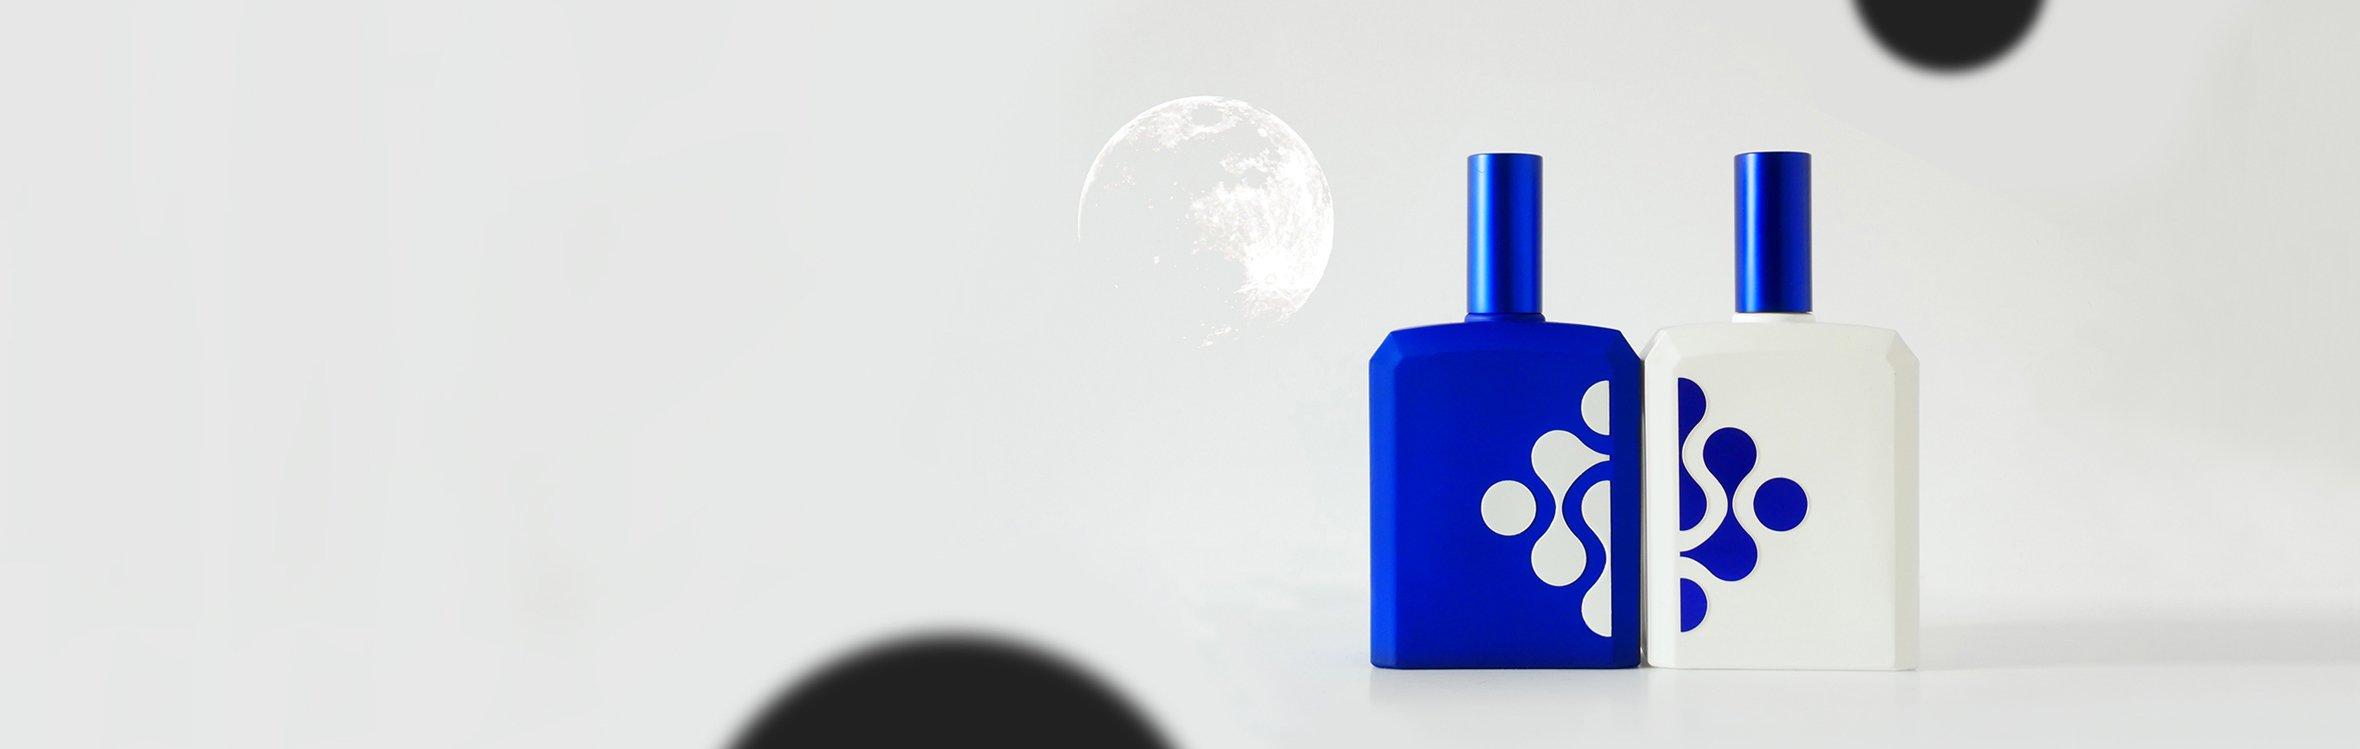 COLLECTION-HEADER-BLUE-BOTTLE-4-5.jpg